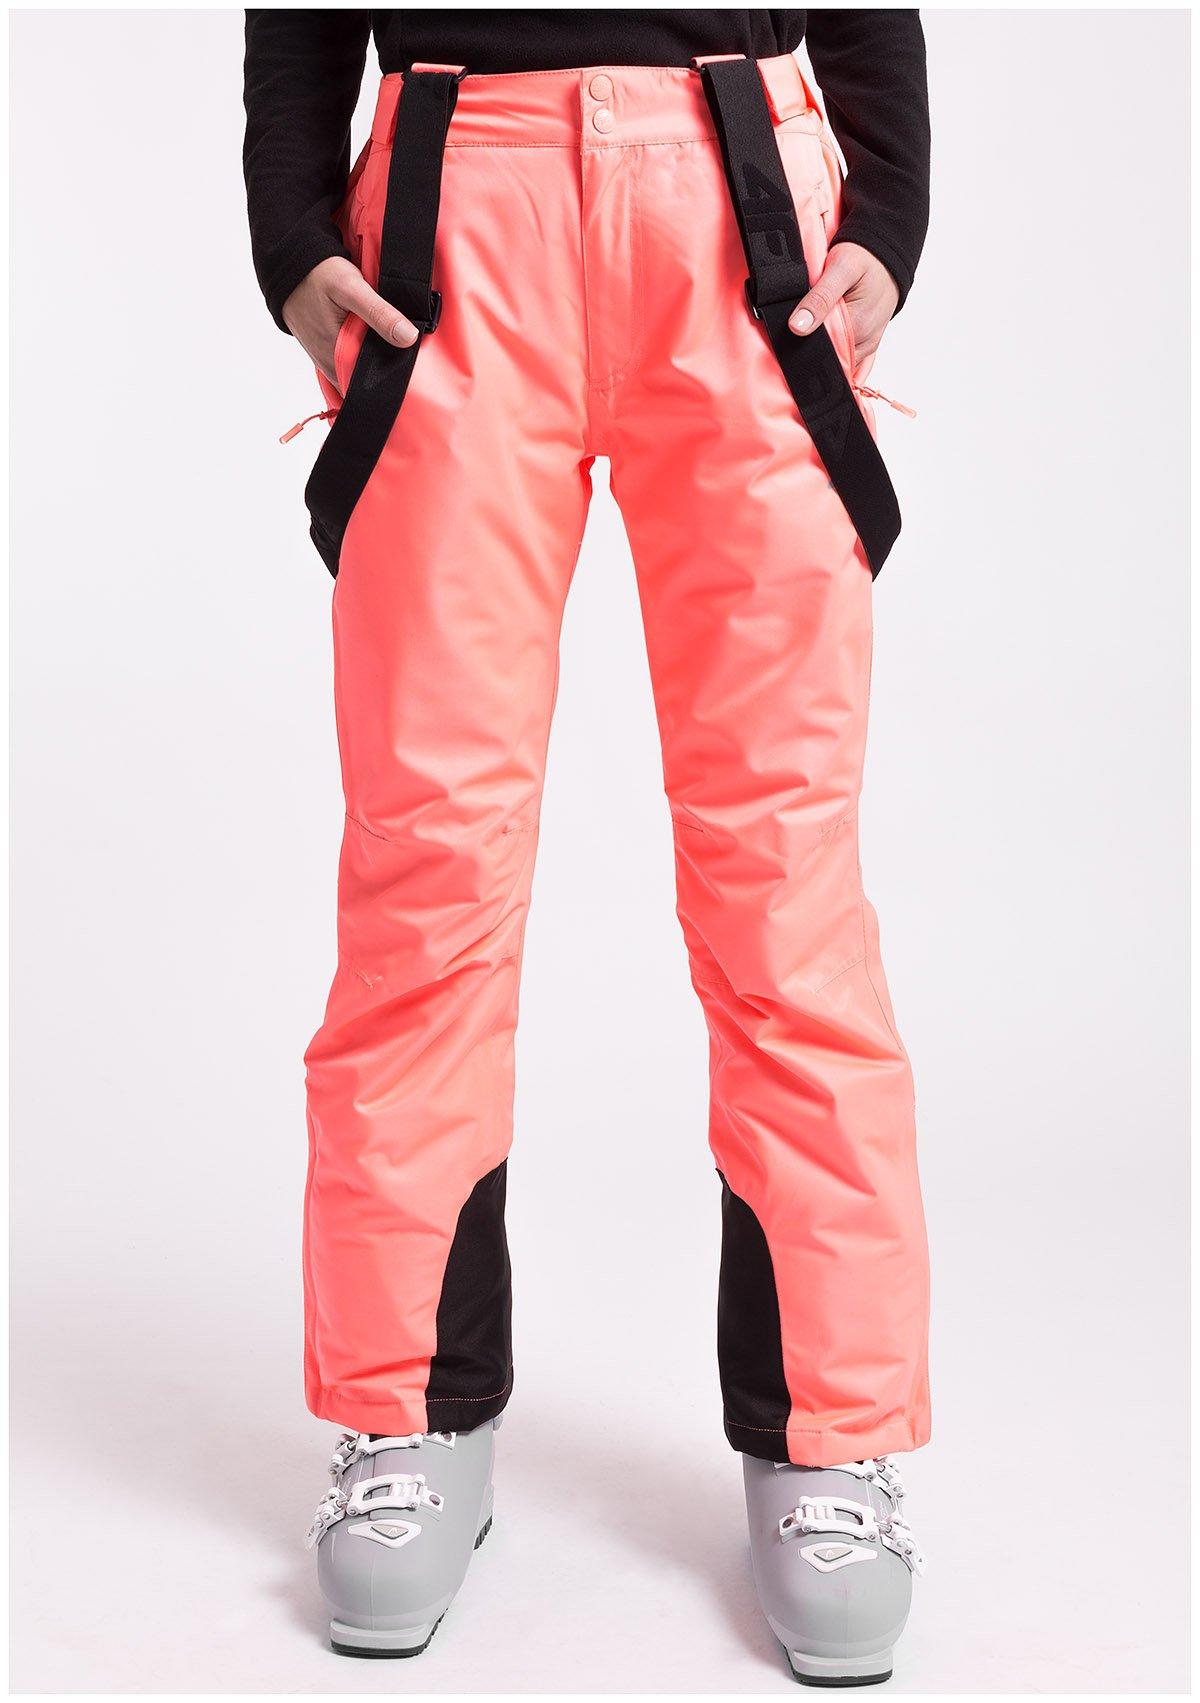 Spodnie narciarskie damskie SPDN351z koralowy